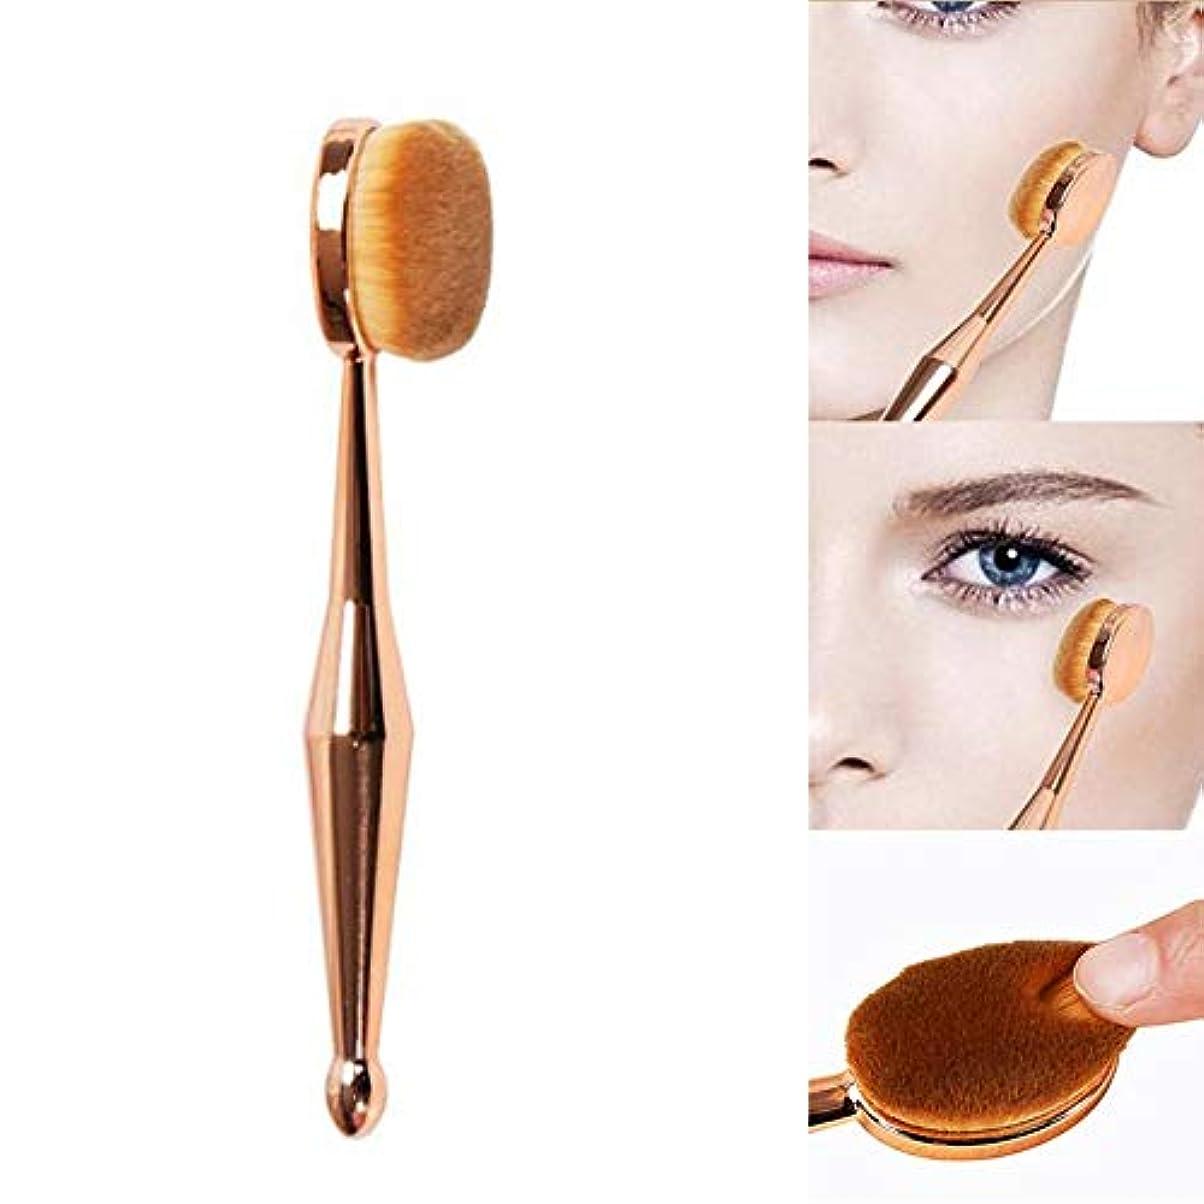 人に関する限りライセンス一般的に言えば化粧ブラシ 化粧筆 歯ブラシ型メイクブラシ ファンデーションブラシ フェイスブラシ 化粧ブラシ (1枚セット)